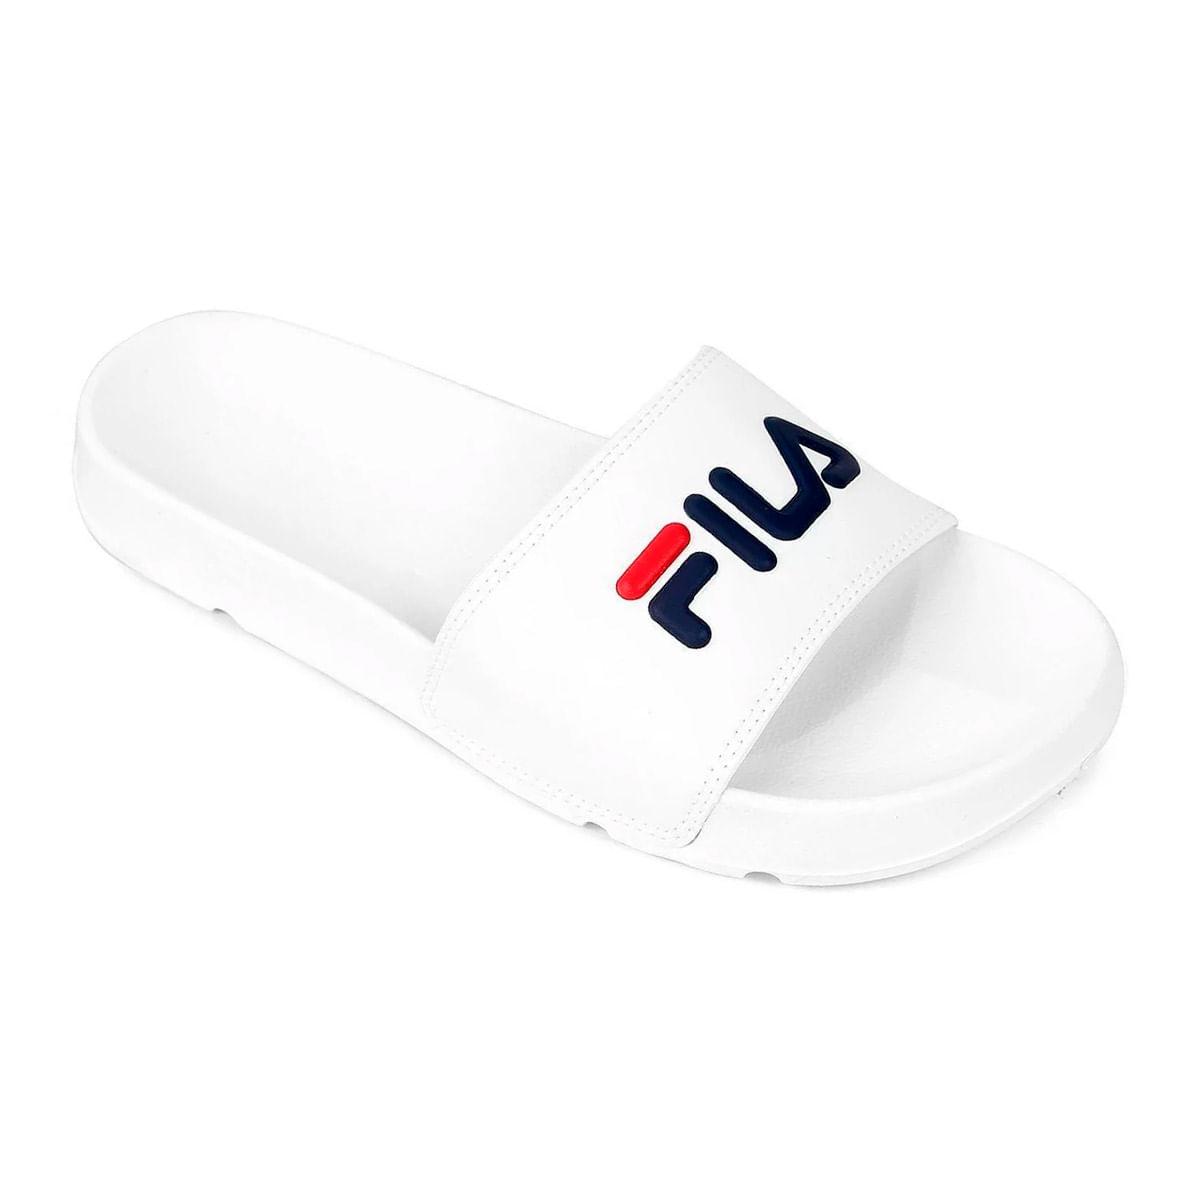 Sandalia-Slide-infantil-Fila-Drifter--25-ao-36--31K334X-1547--4Q20-